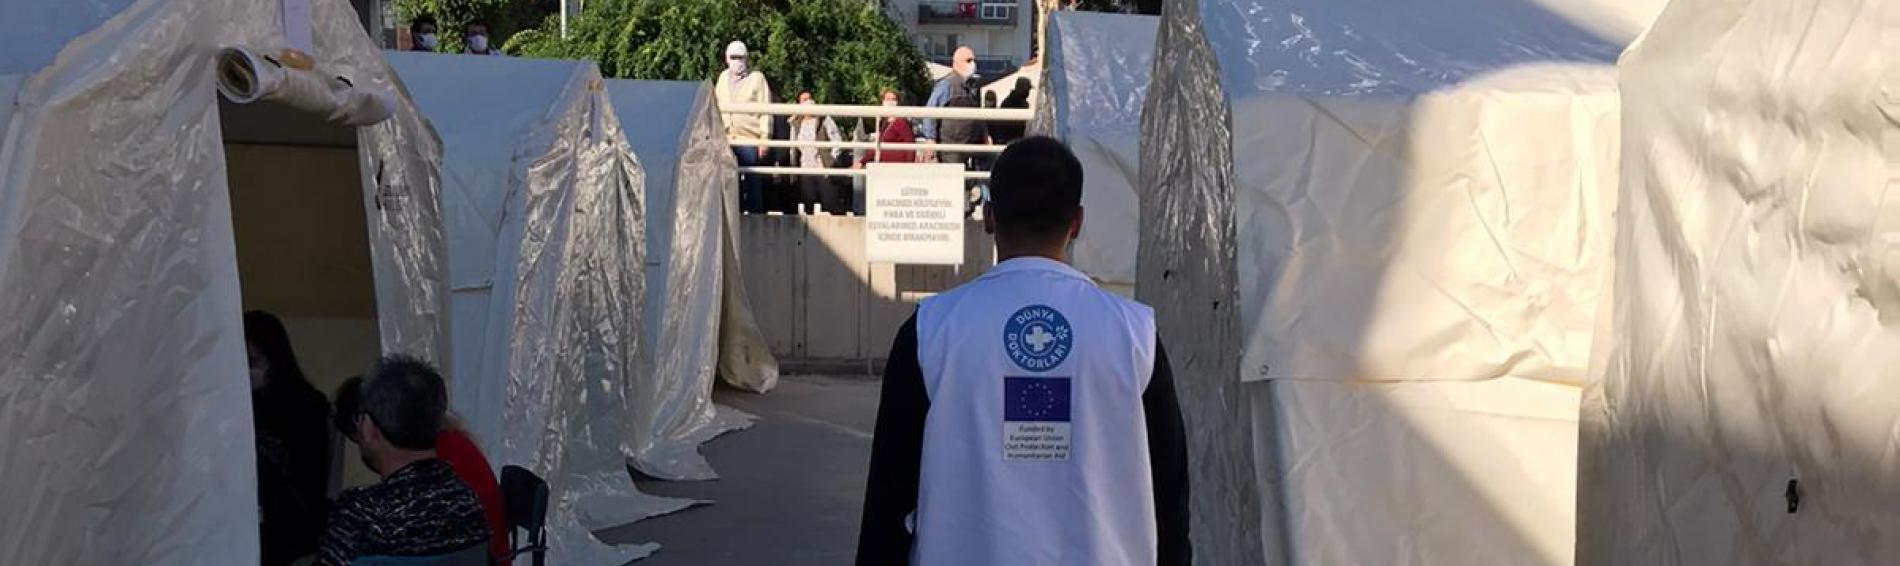 Menschen in Izmir wurden nach dem Erdbeben in Zelten versorgt. Foto: DDD / Ärzte der Welt Türkei